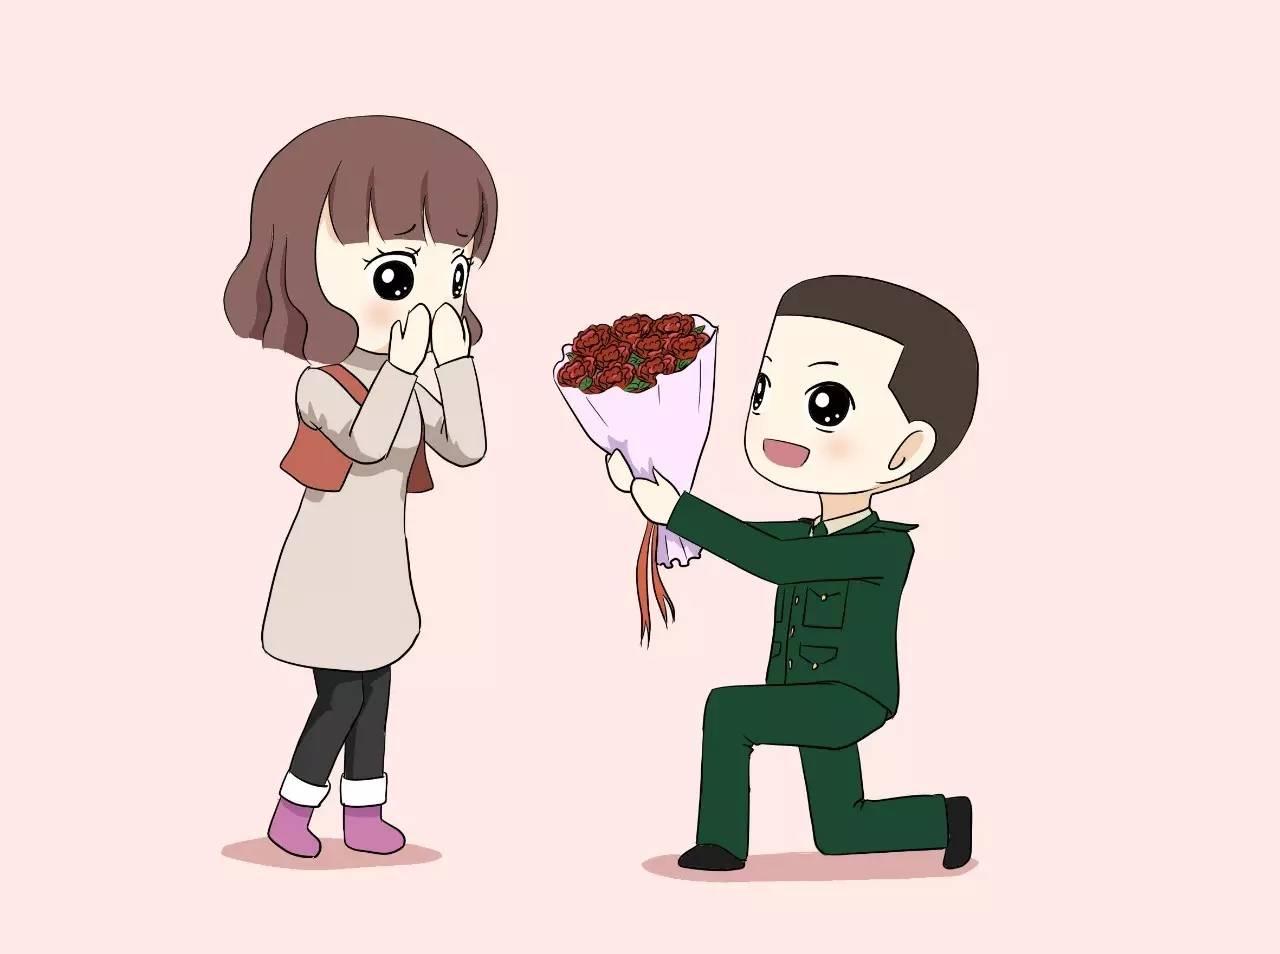 军嫂卡通_文/一名准军嫂